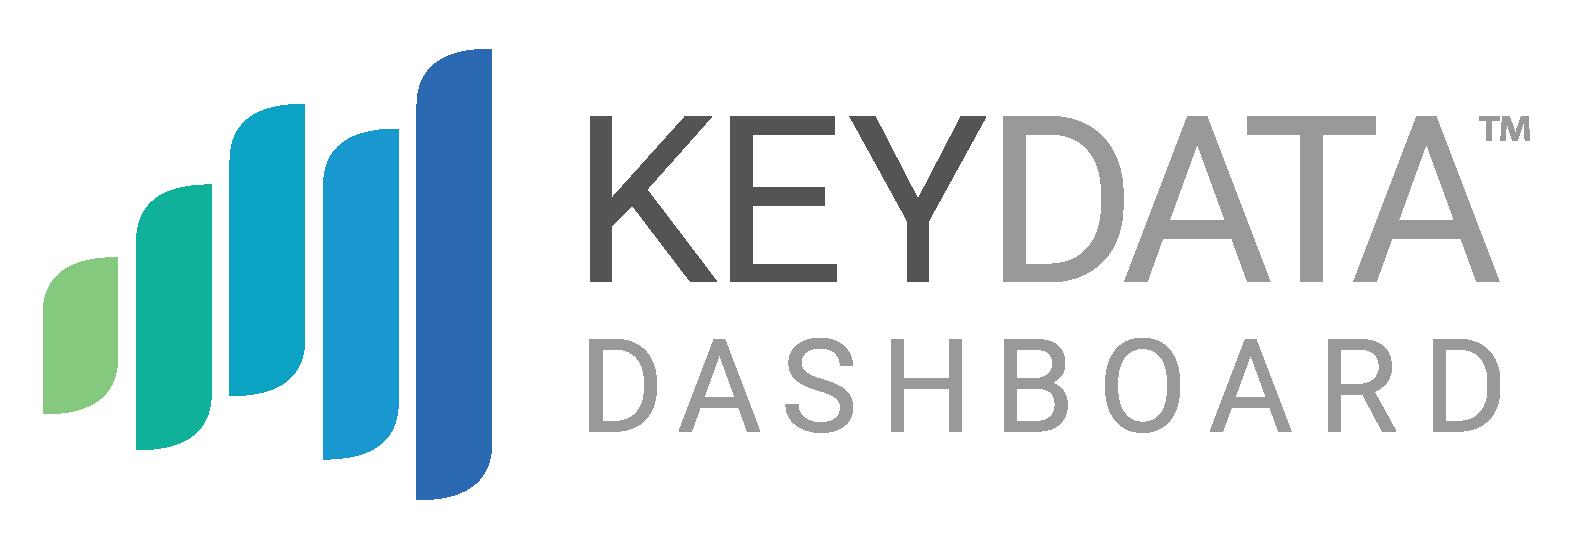 Key Data Dashboard